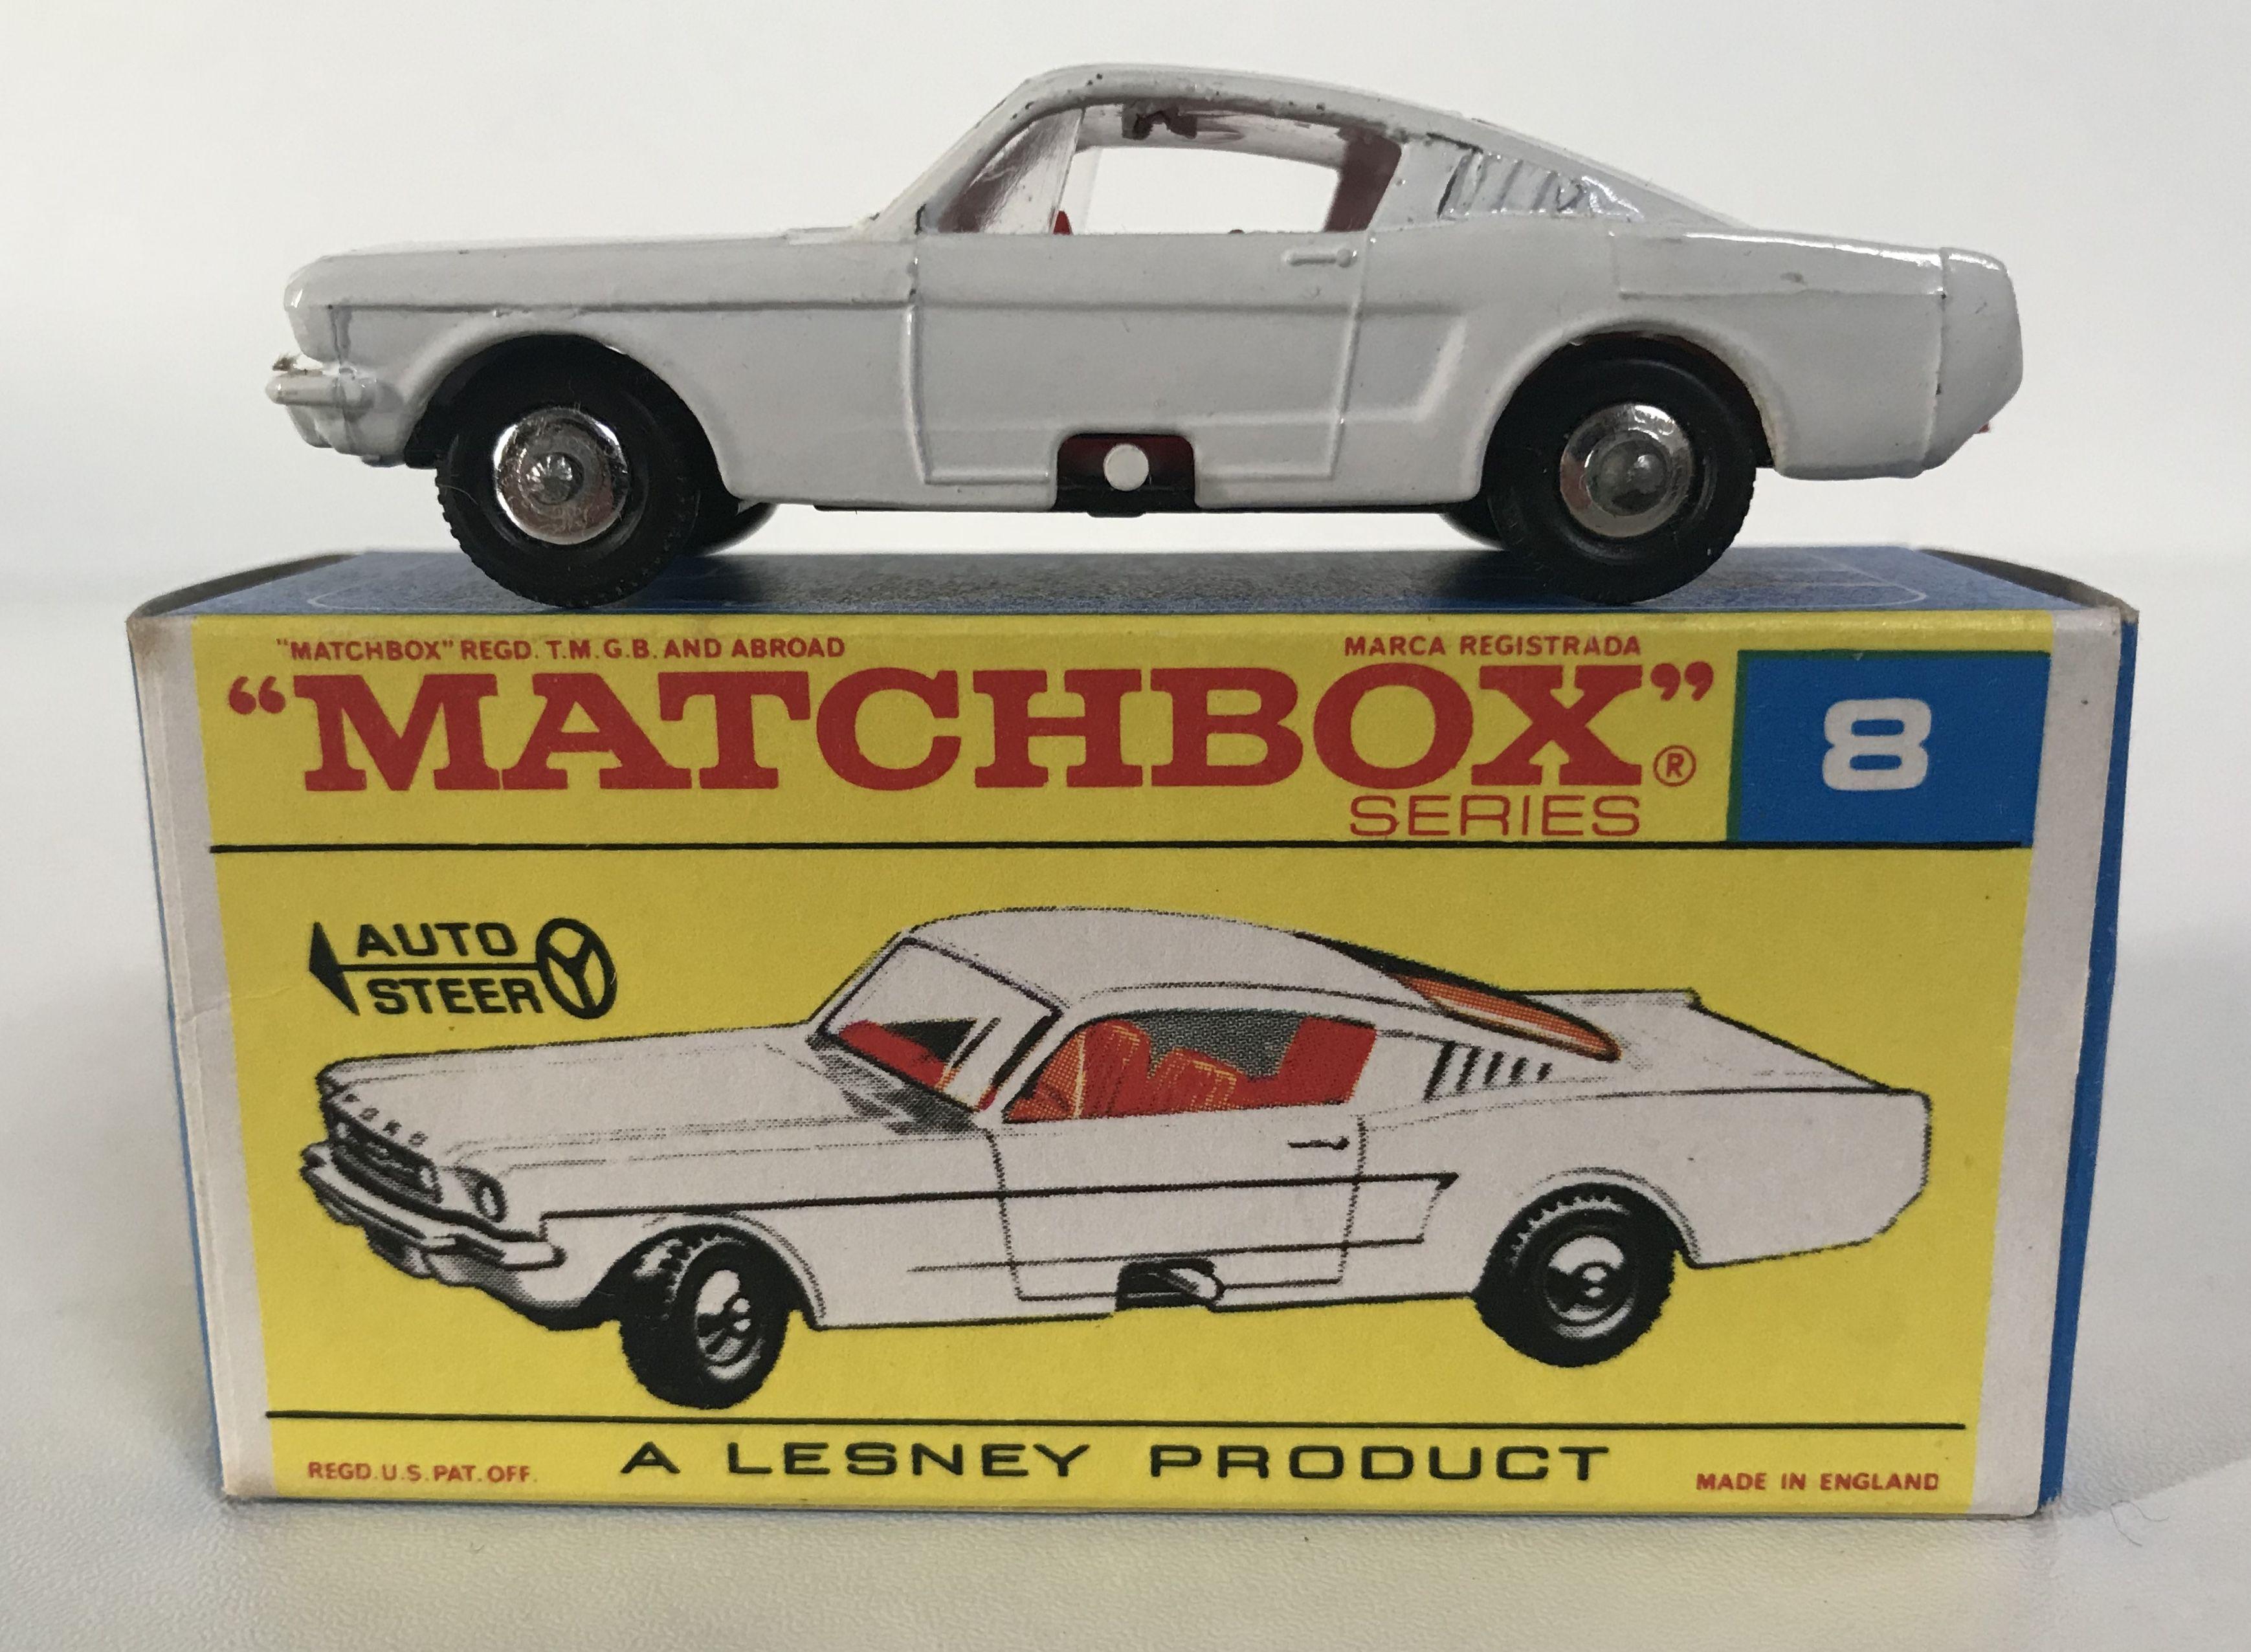 B toys cars  Pin by kyom on Wheels u toys  Pinterest  Nostalgia